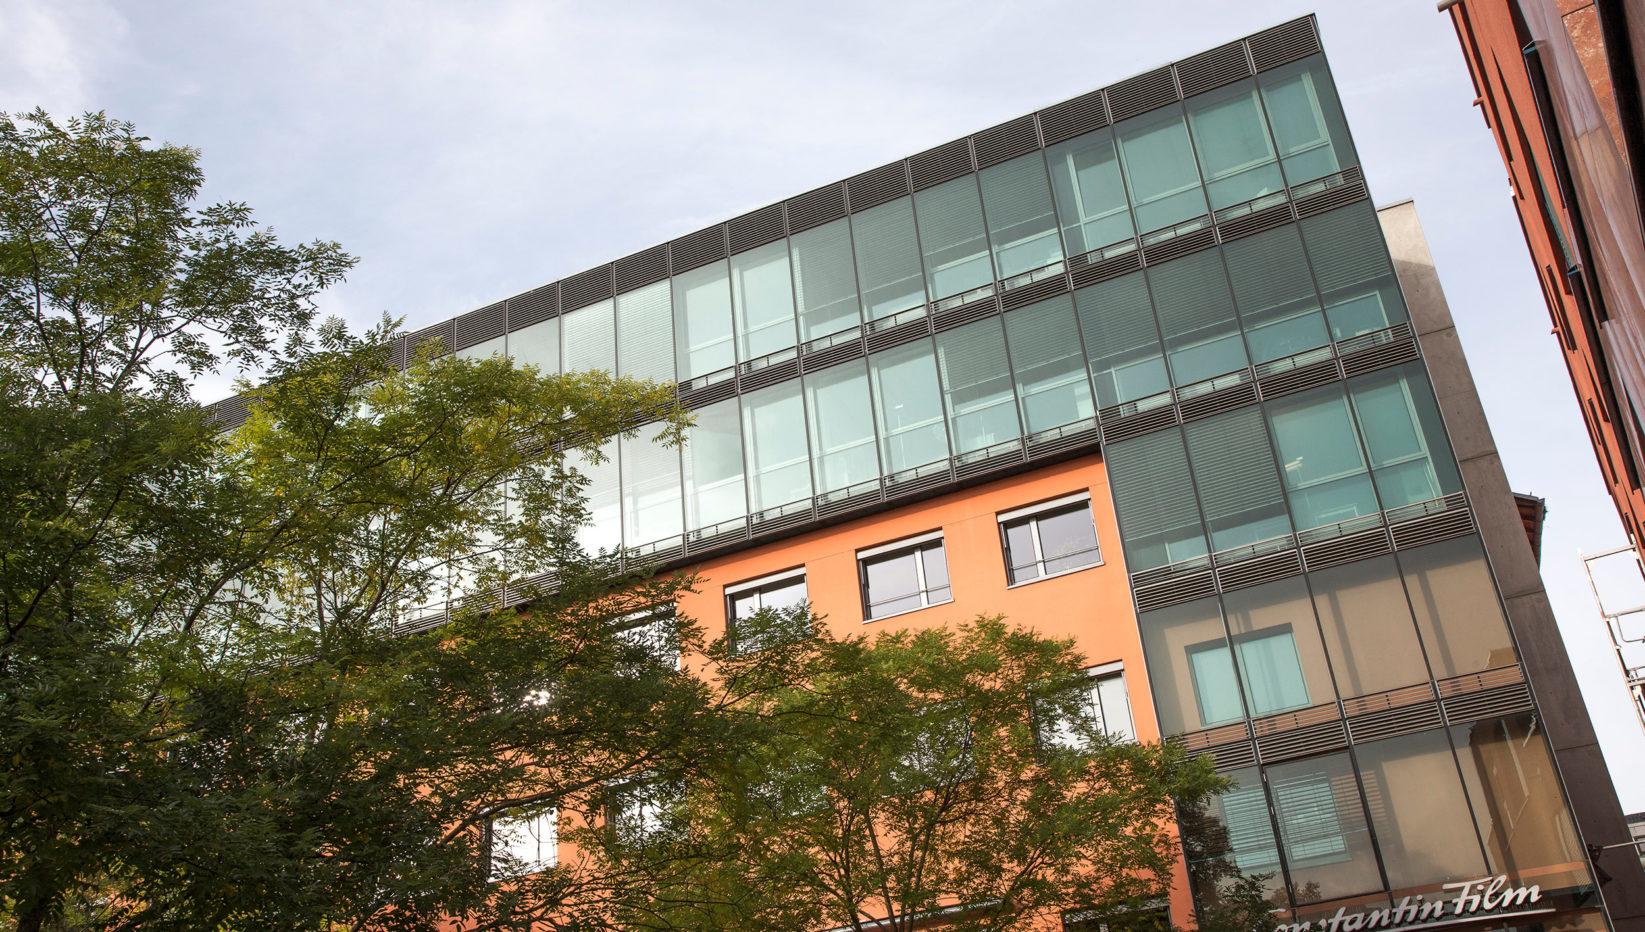 Aufnahme der Südseite der Factory Schwabing nach der Entkernung und Sanierung durch Brunner + Co Baugesellschaft mbH.